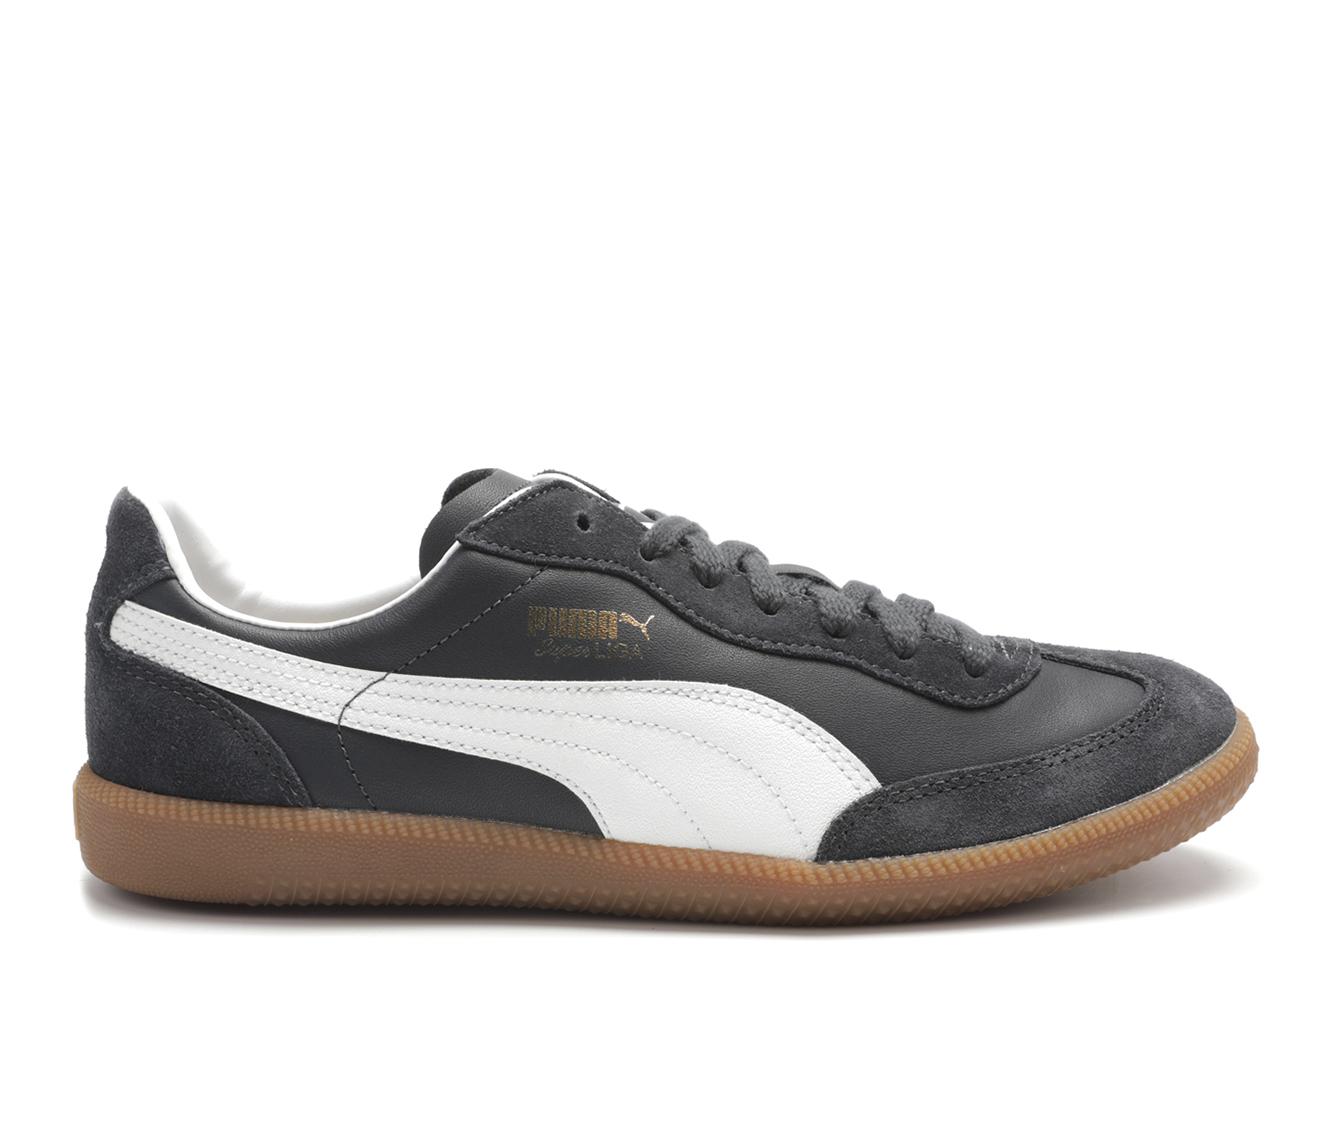 Men's Puma Super Liga OG Retro Sneakers